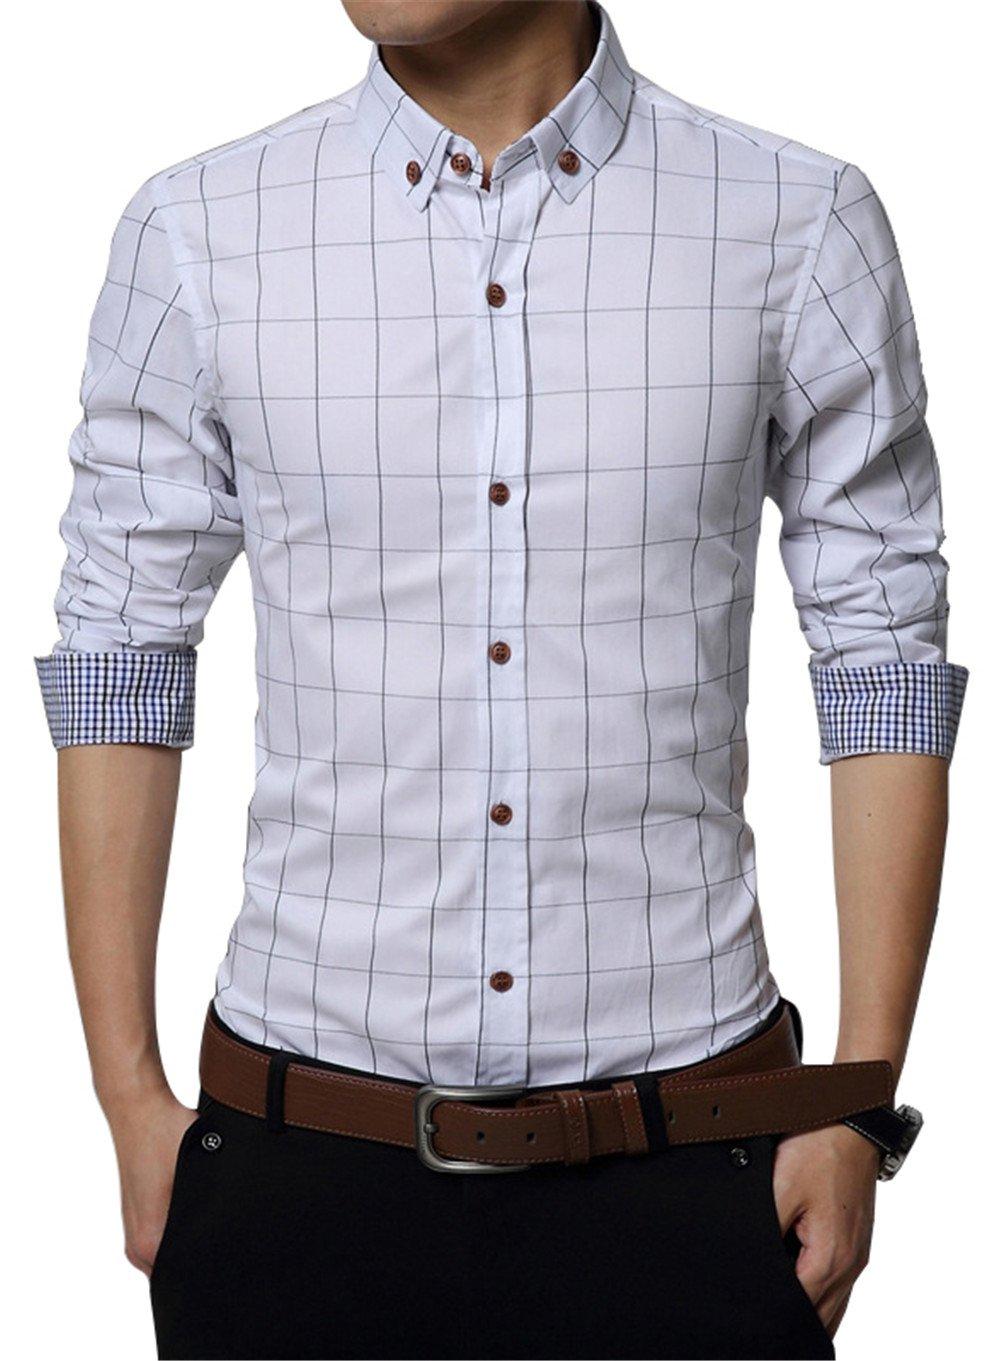 (エックスタパン) XTAPAN メンズ コットン製長袖ボタンダウンドレスシャツ カジュアル スリムフィット B01N9LP6QS 4L|White-plaid White-plaid 4L